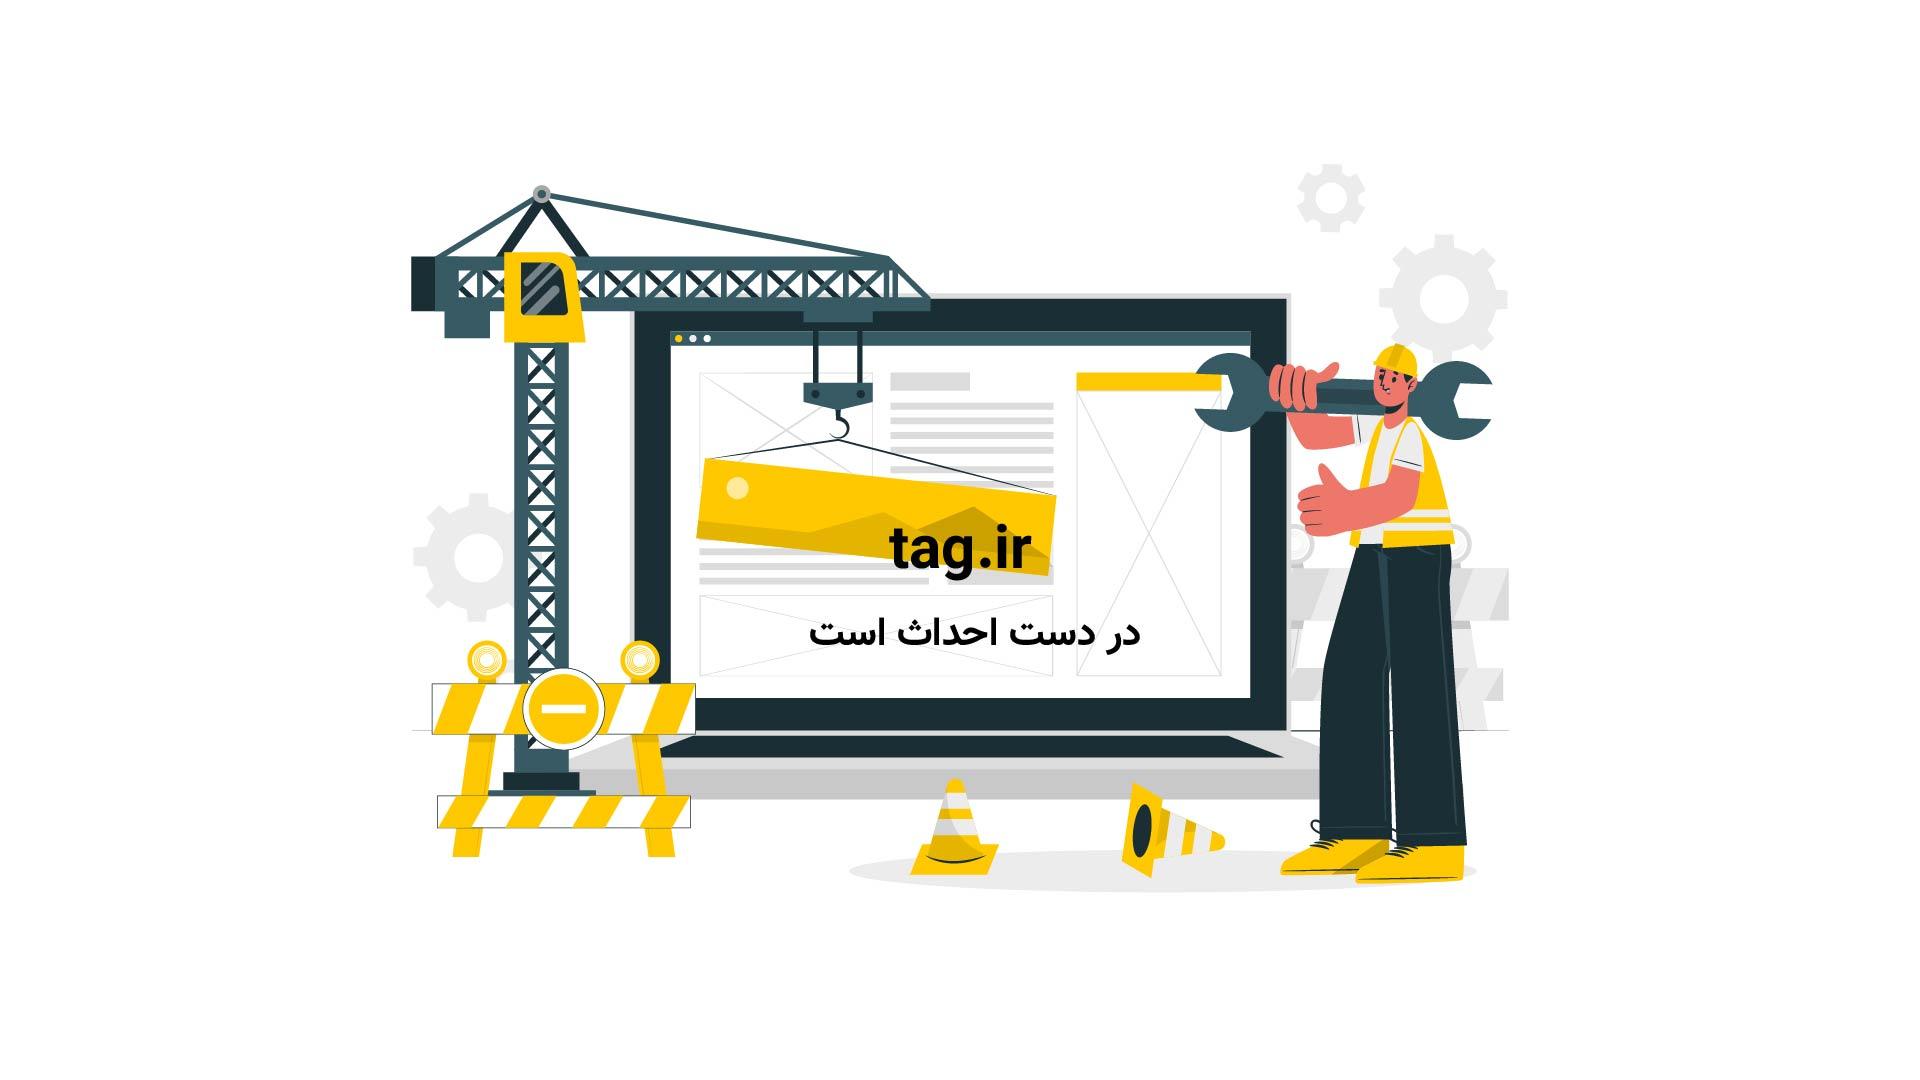 آواز نهنگ | تگ